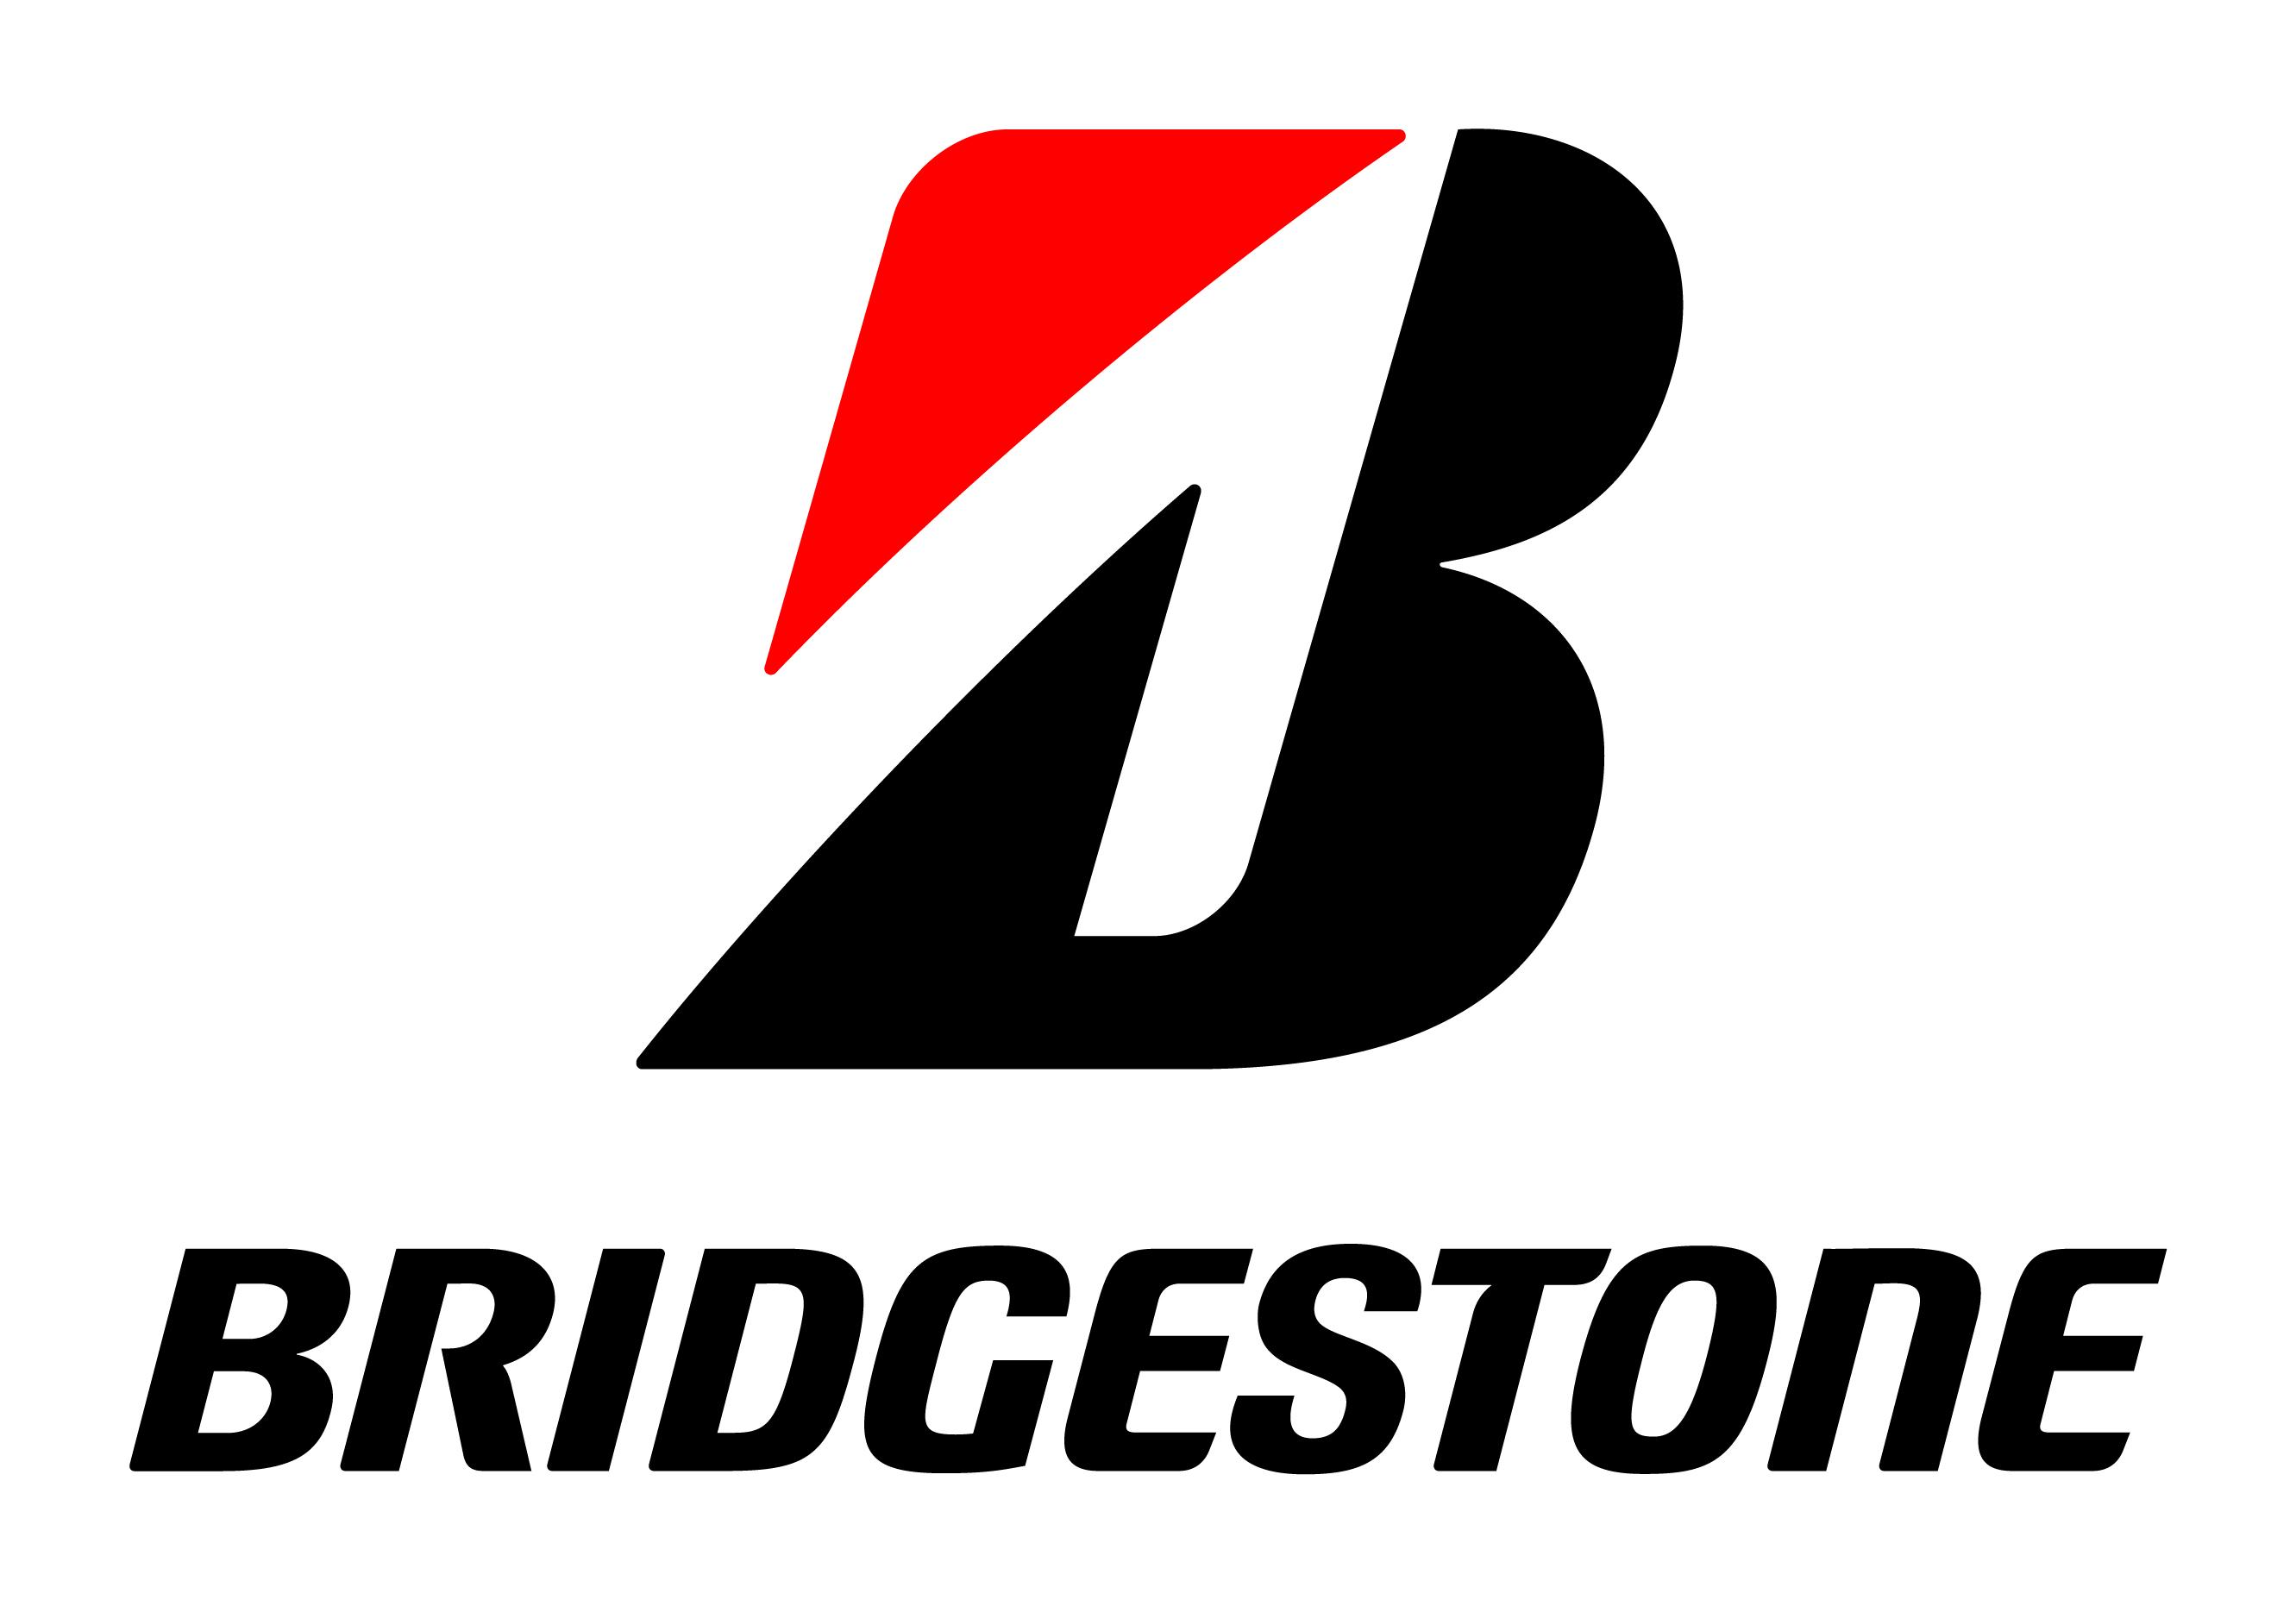 Bridgestone хочет вывести на русский рынок шин для легковых машин новый бренд